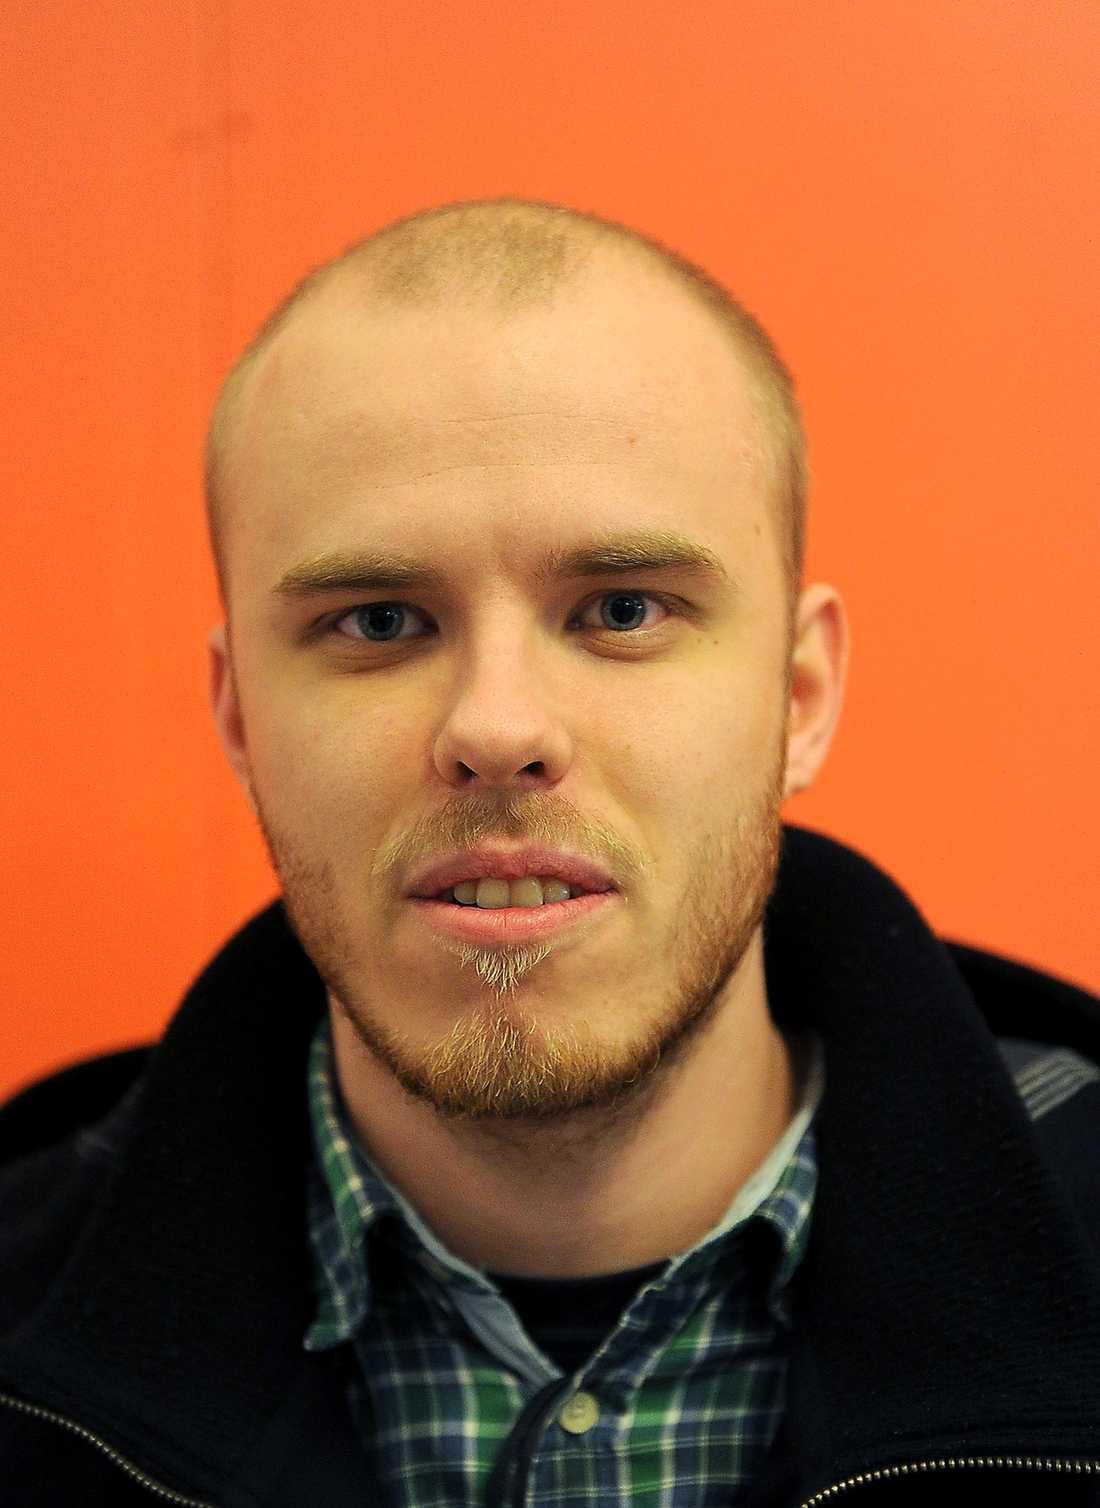 Mikael Santala, 22, student, Södertälje: – Ja det tror jag. I alla fall om man inte har tillräckligt med information. Däremot tror jag inte att alla forskningsrapporter är helt neutrala.